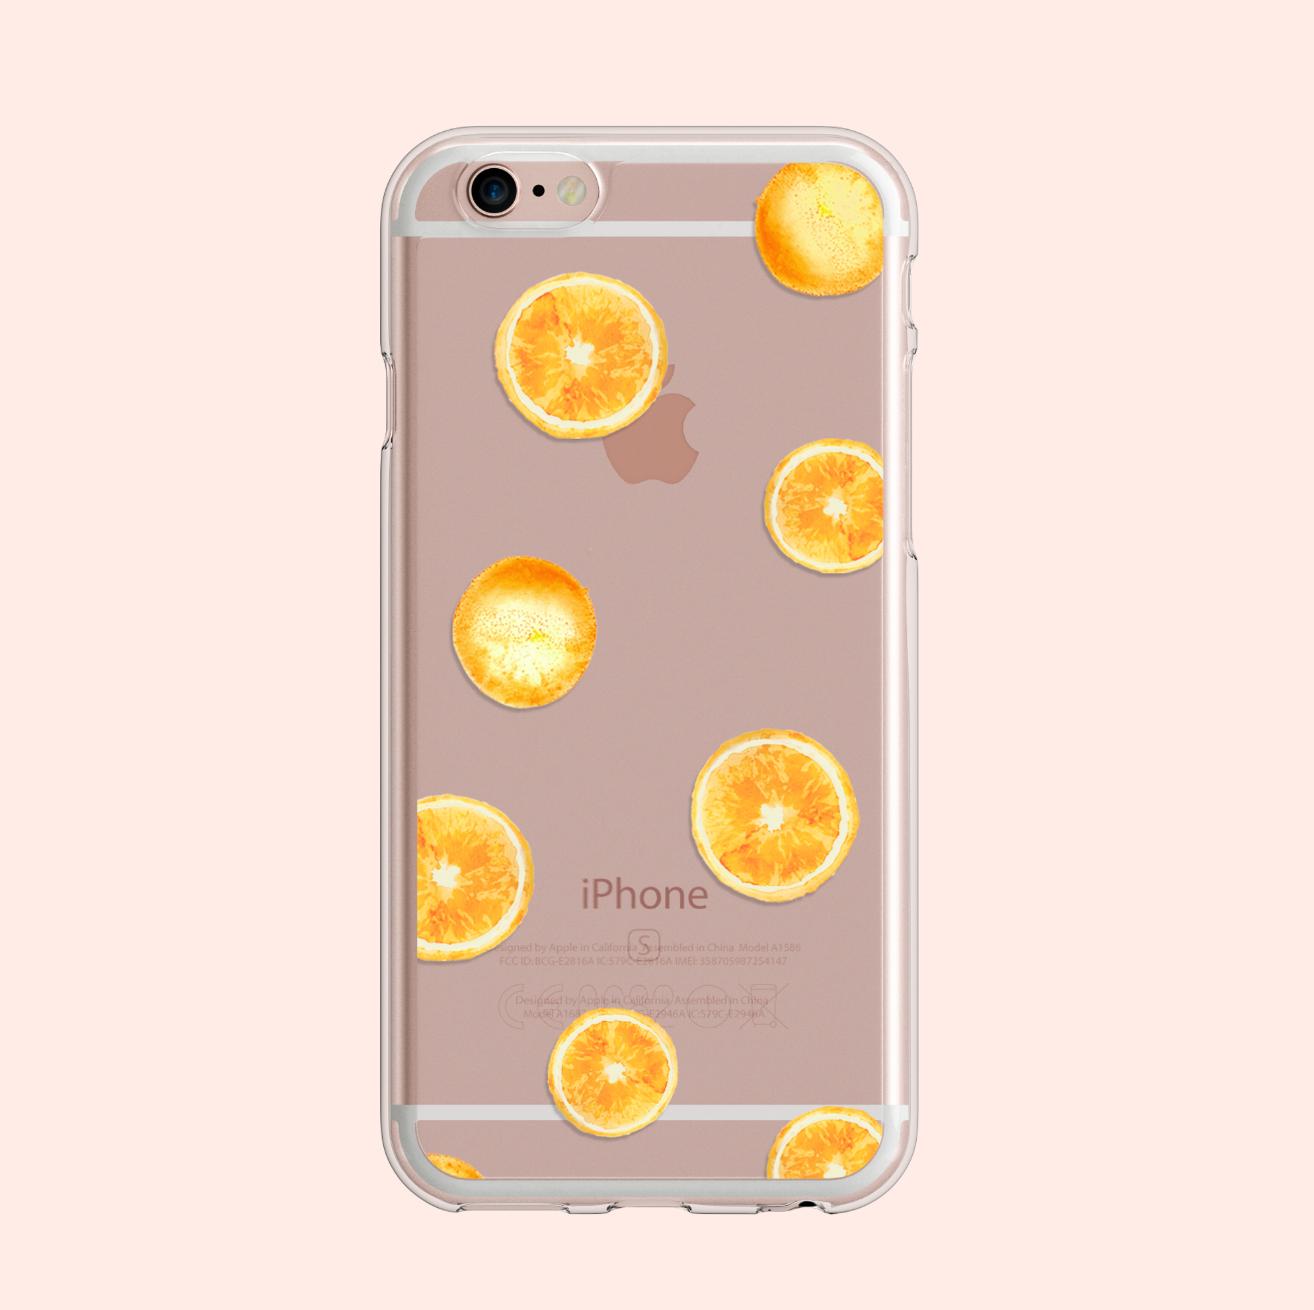 iphone case designer